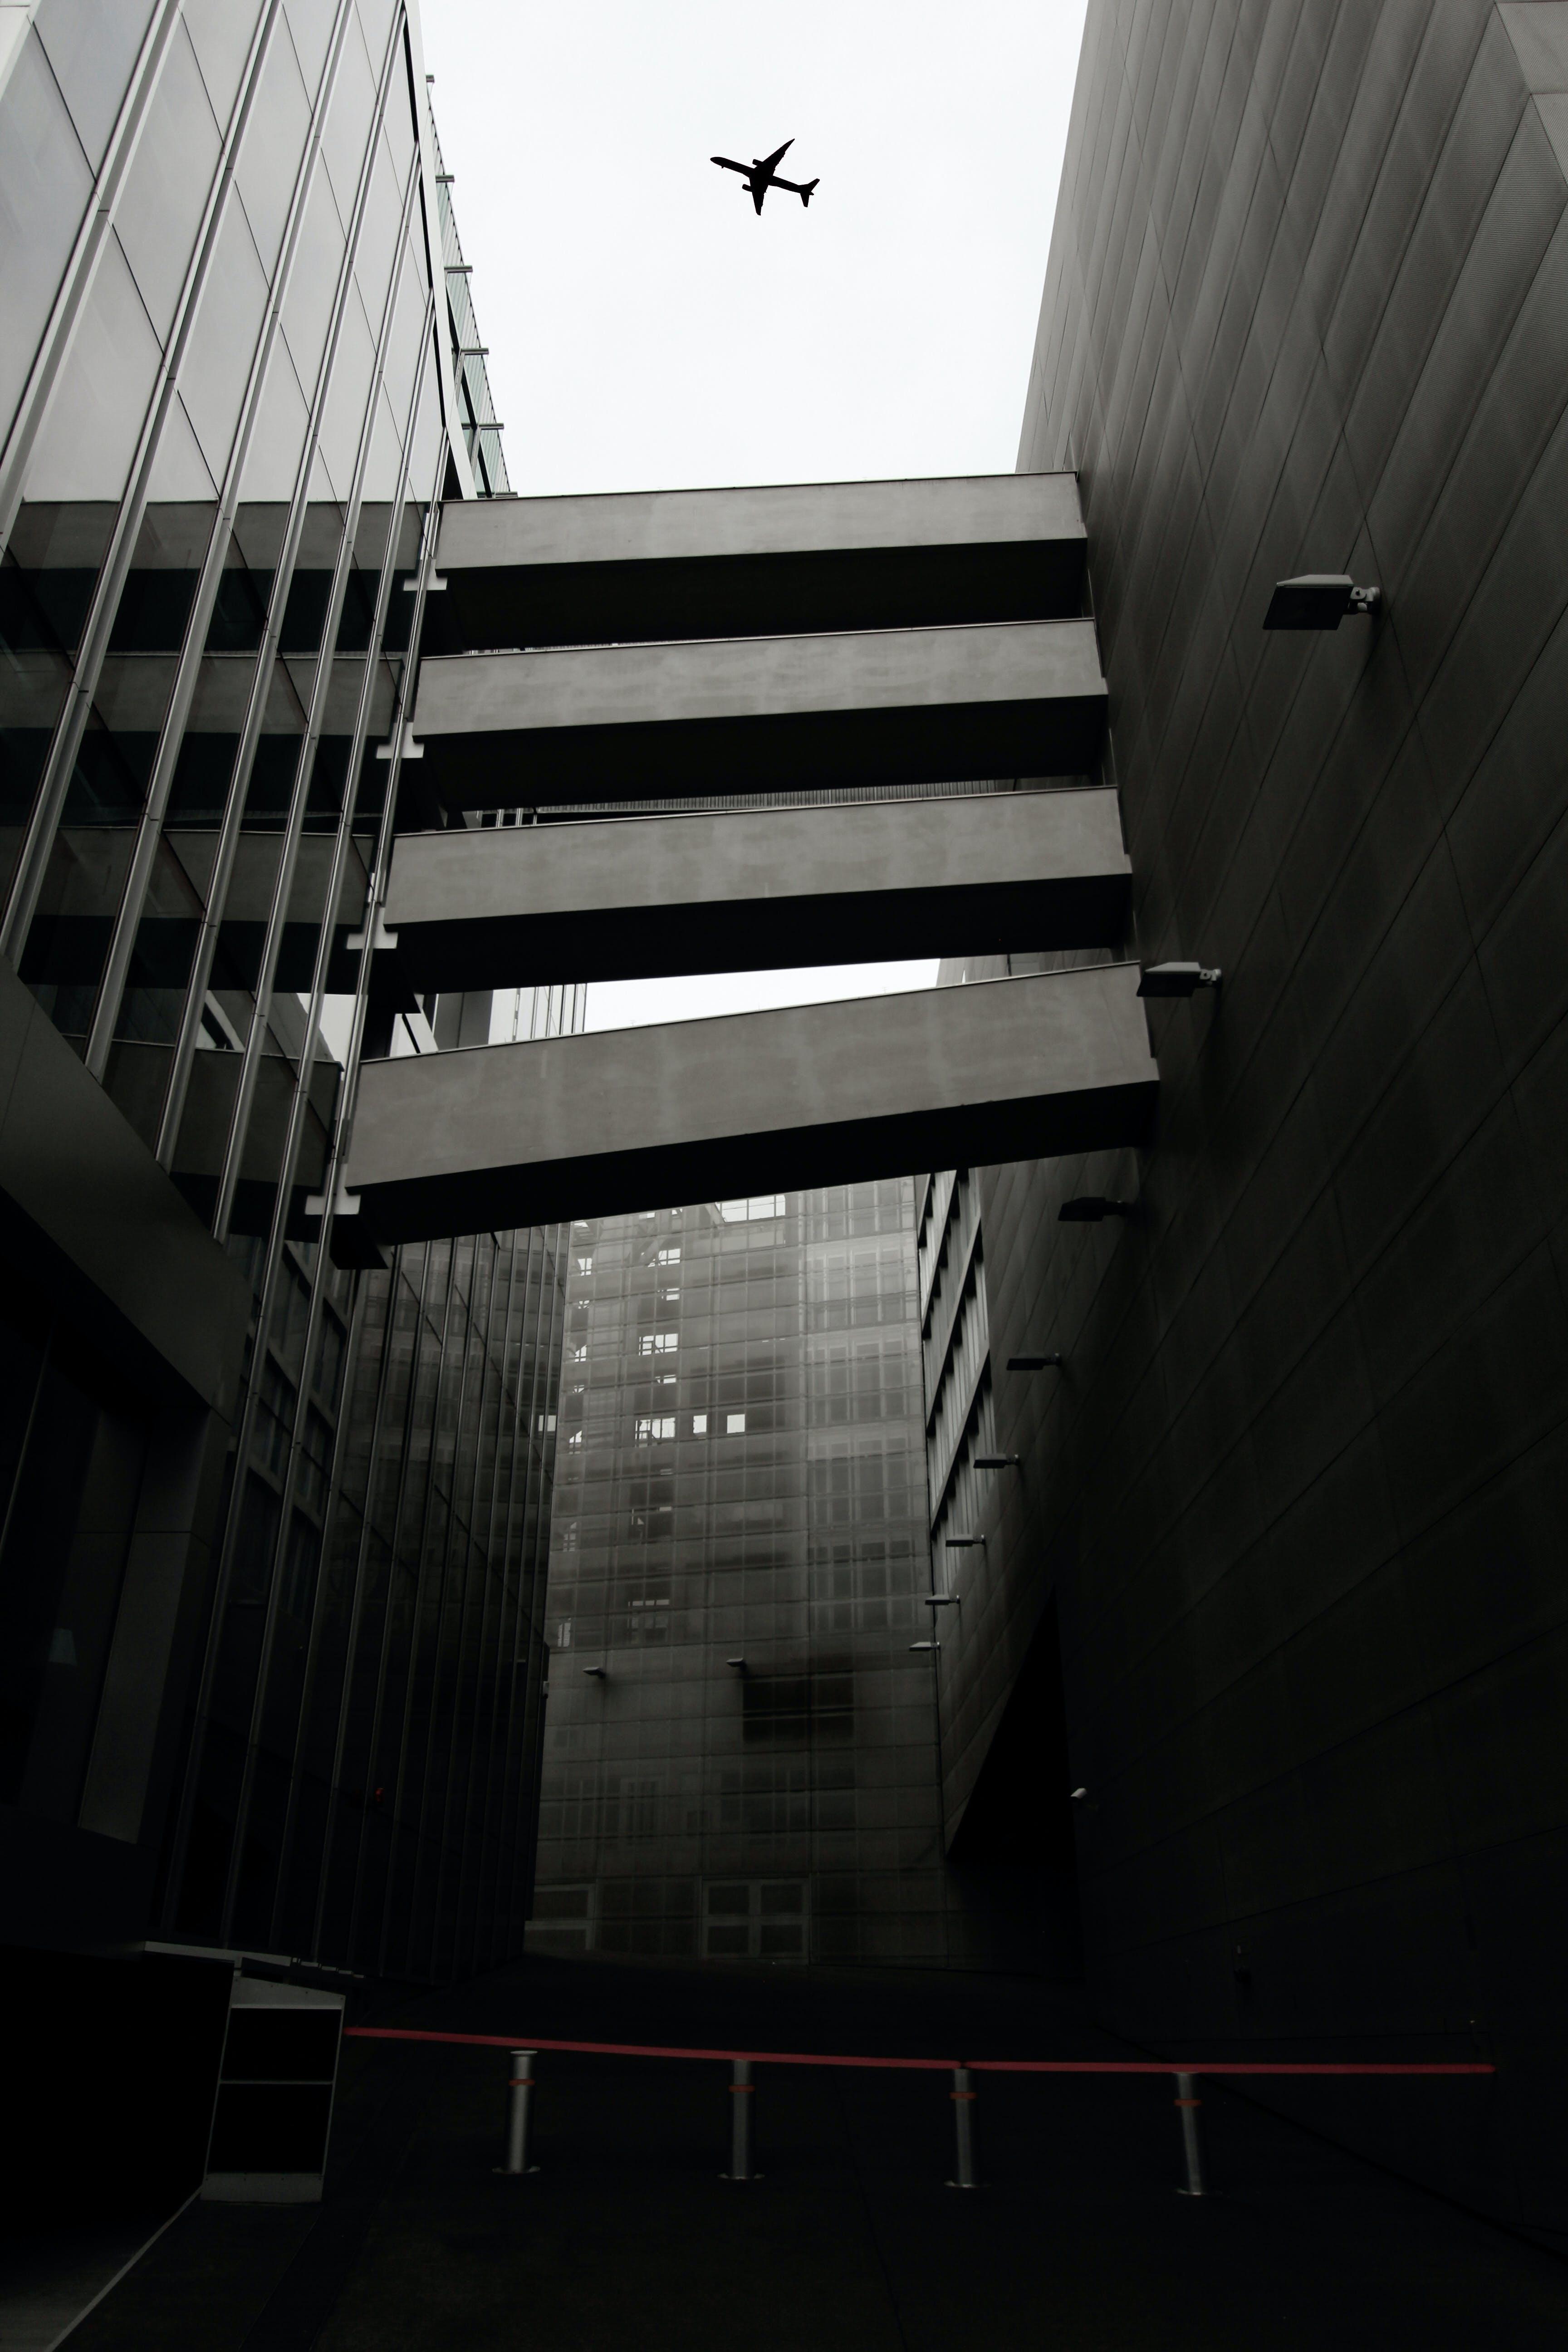 Бесплатное стоковое фото с архитектура, Архитектурное проектирование, бетон, бетонные конструкции